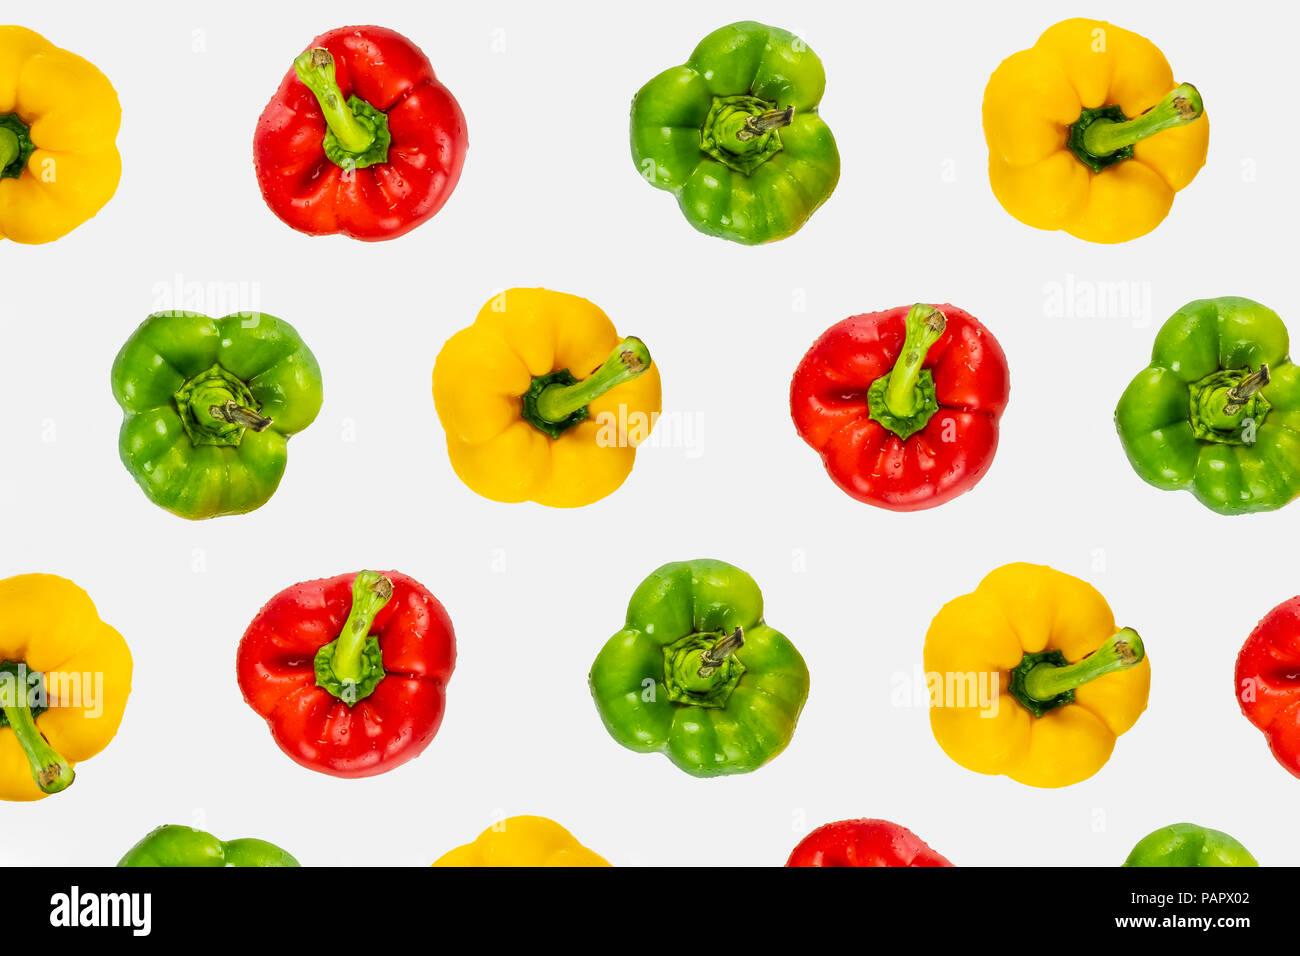 Ansicht von oben Muster von frischen hellen Paprika auf weißem Hintergrund. Von oben geschossen von mehrere bunte Paprika Gemüse Stockfoto